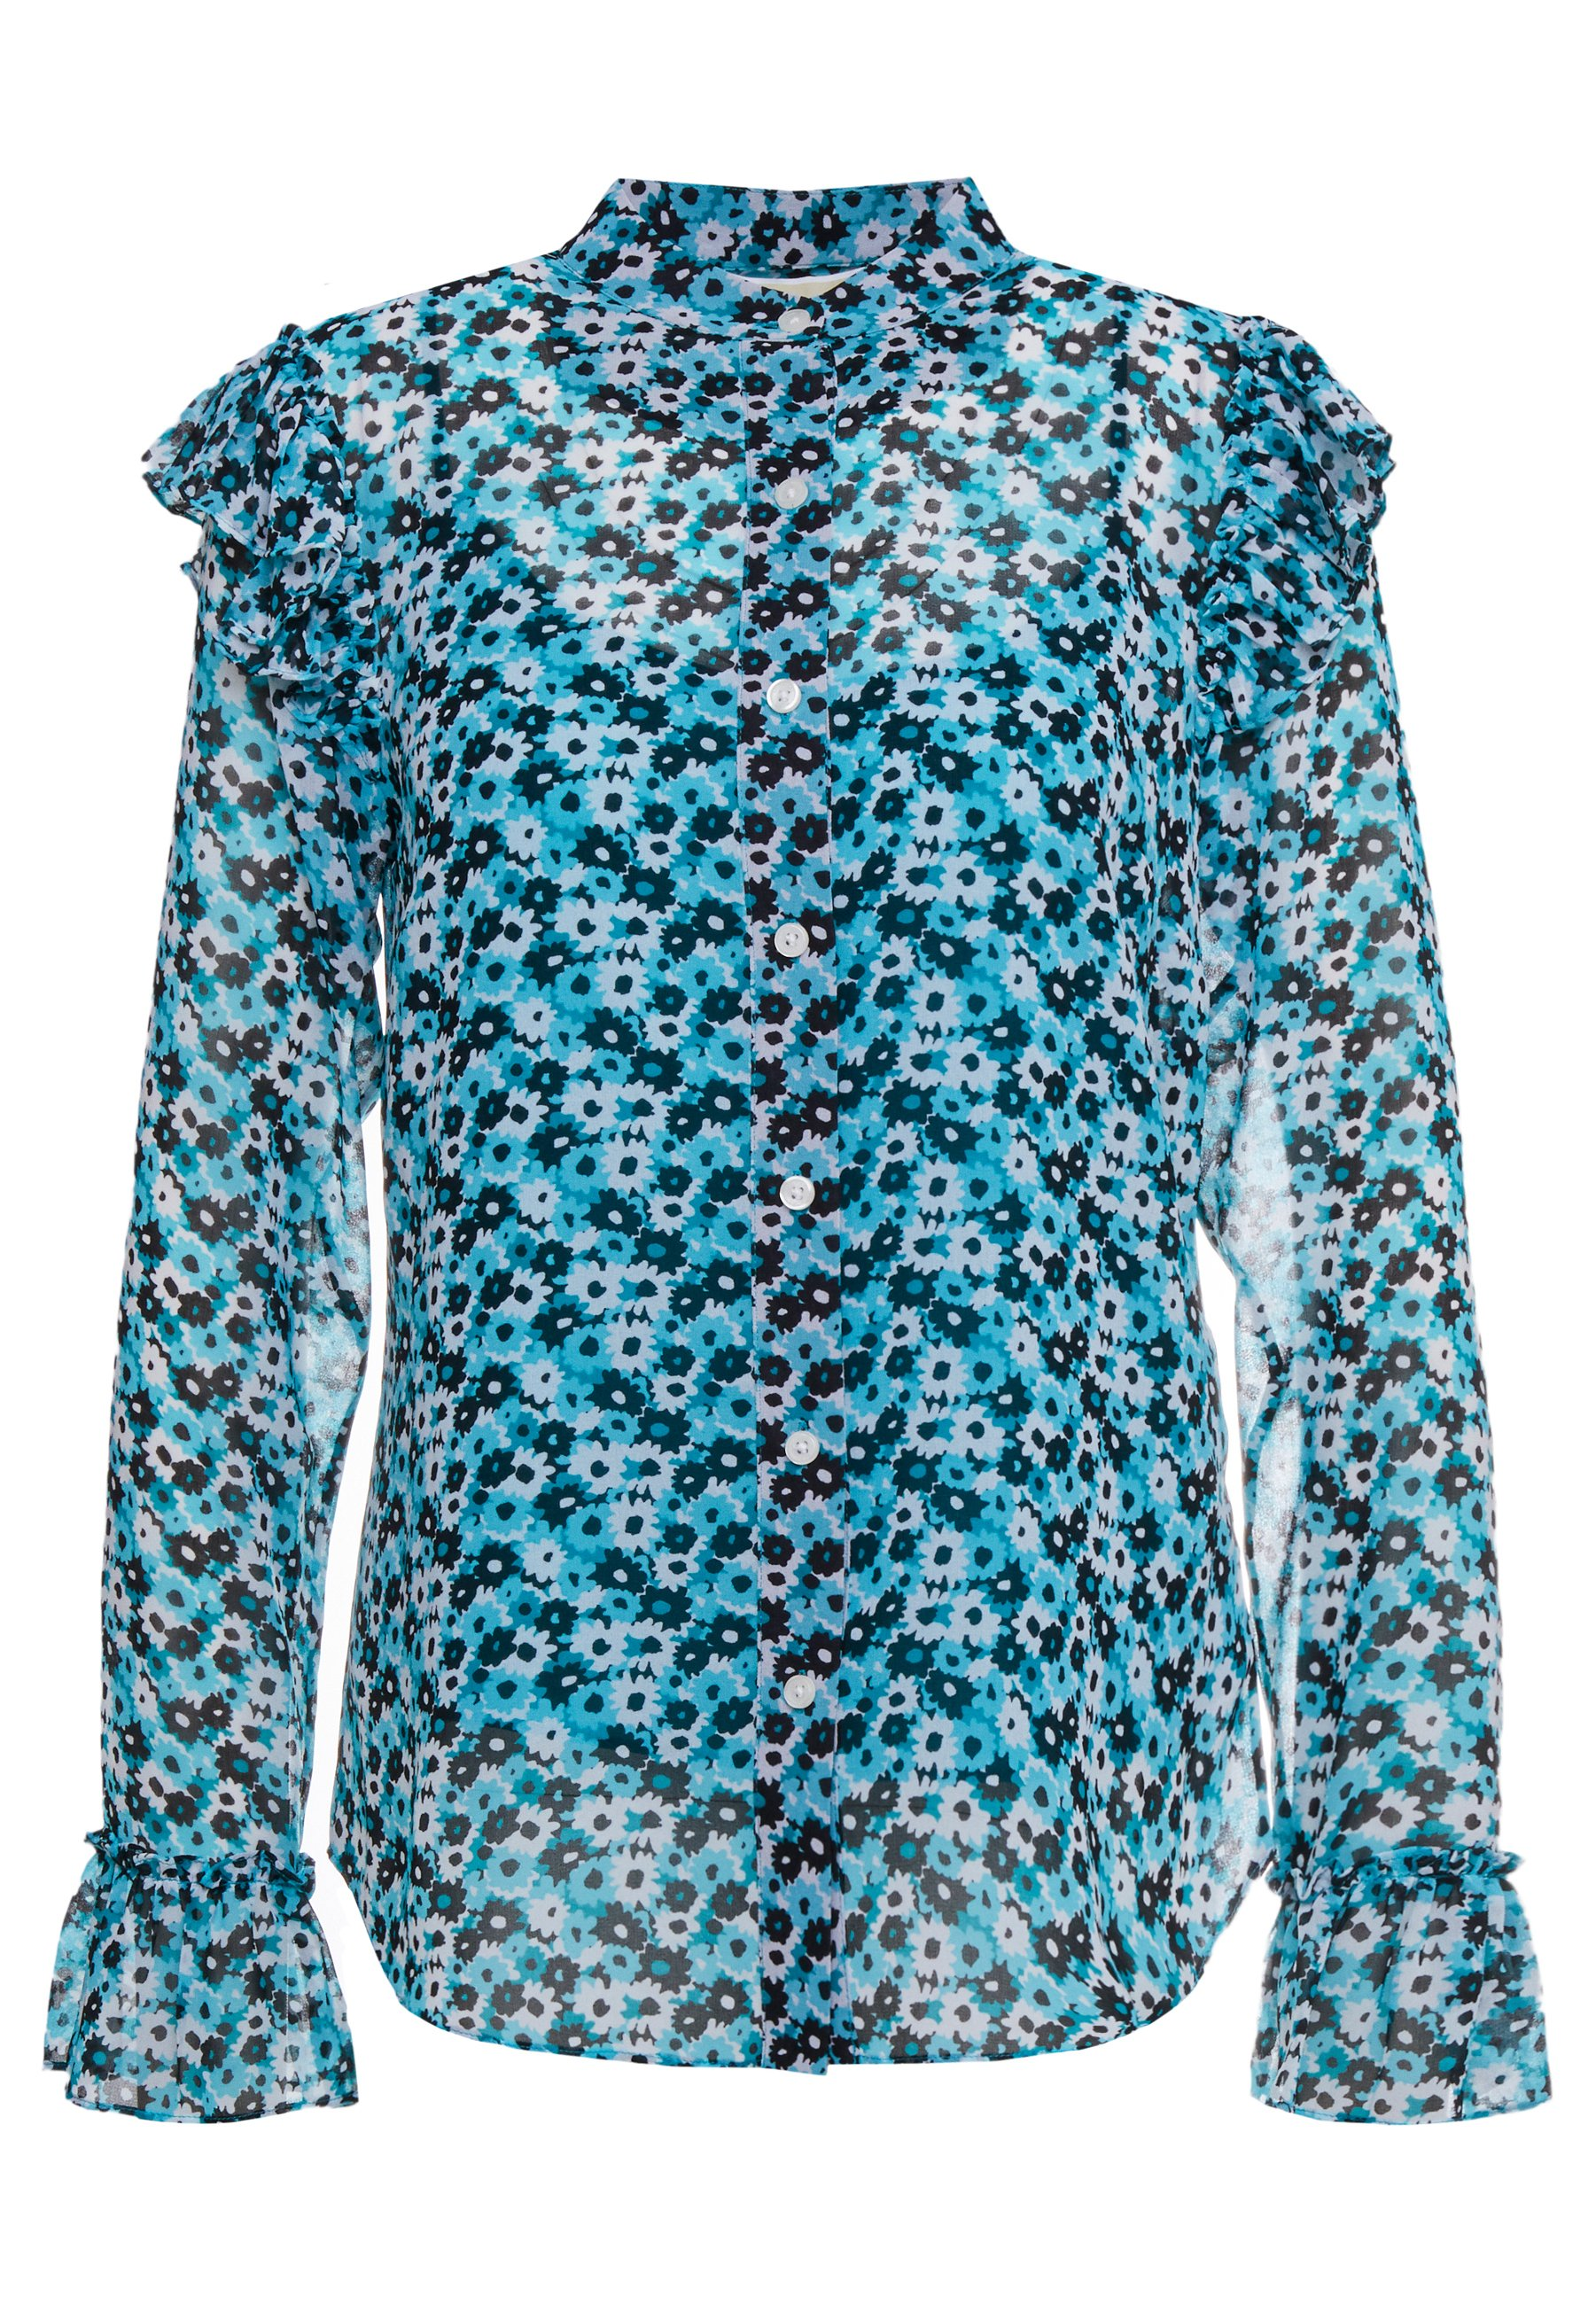 MICHAEL Michael Kors CARNATION Skjorte tileblueblack